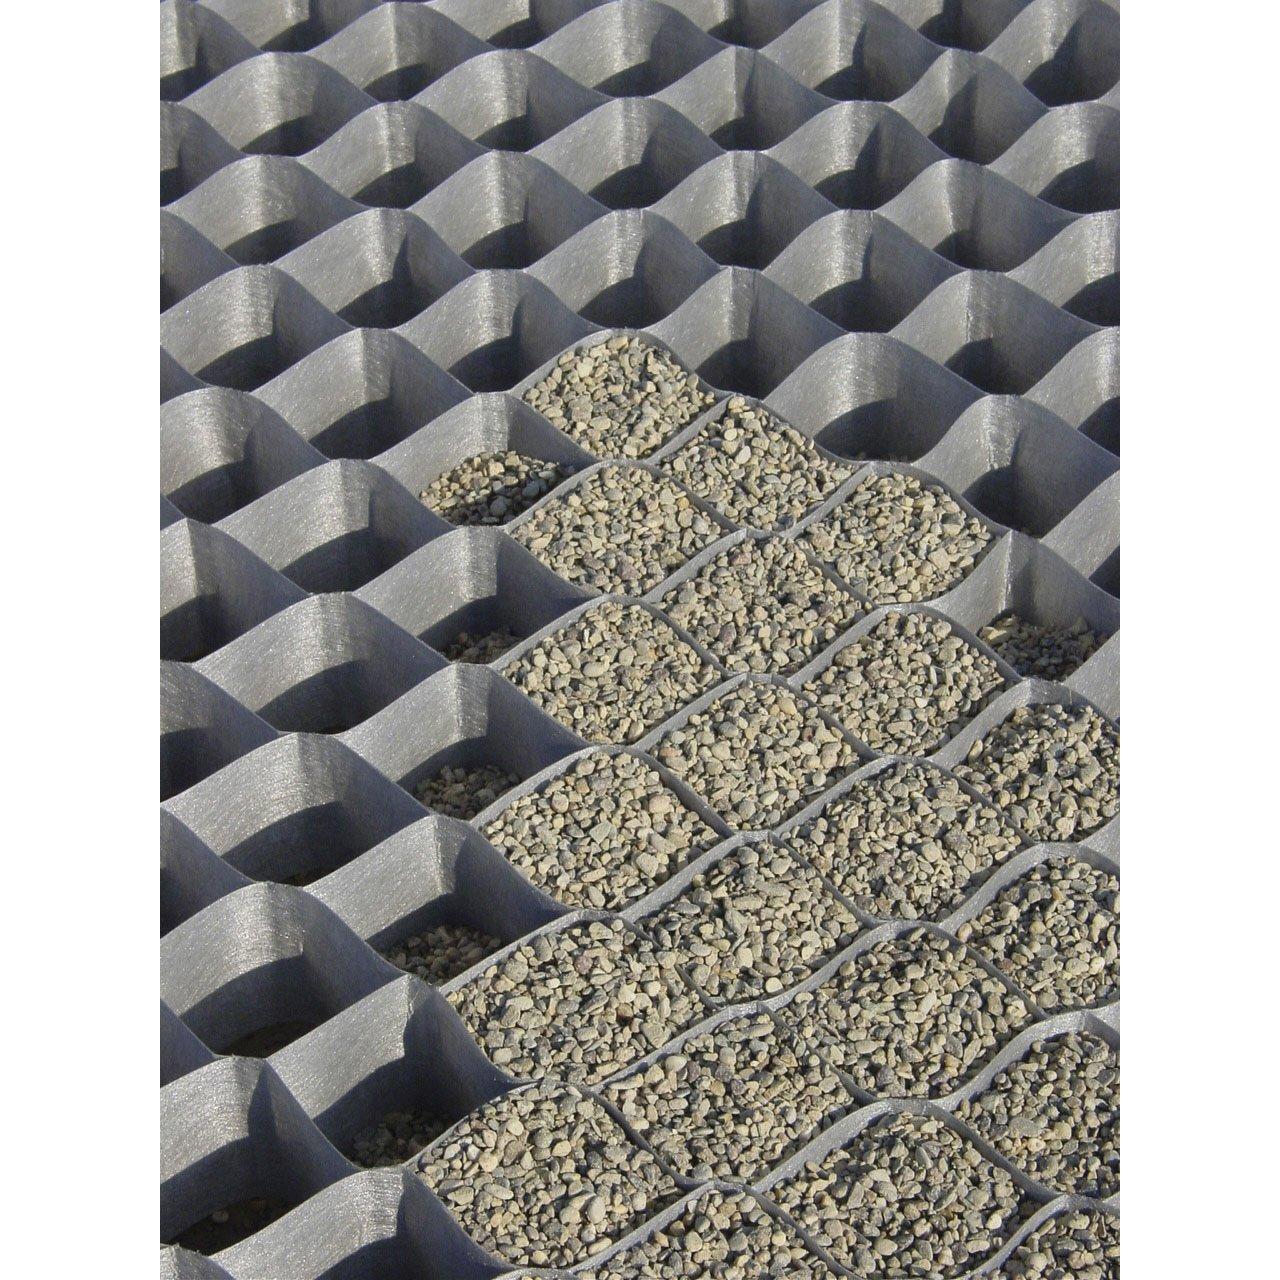 stabilisateur de graviers drainant dupont de nemours 8x1. Black Bedroom Furniture Sets. Home Design Ideas